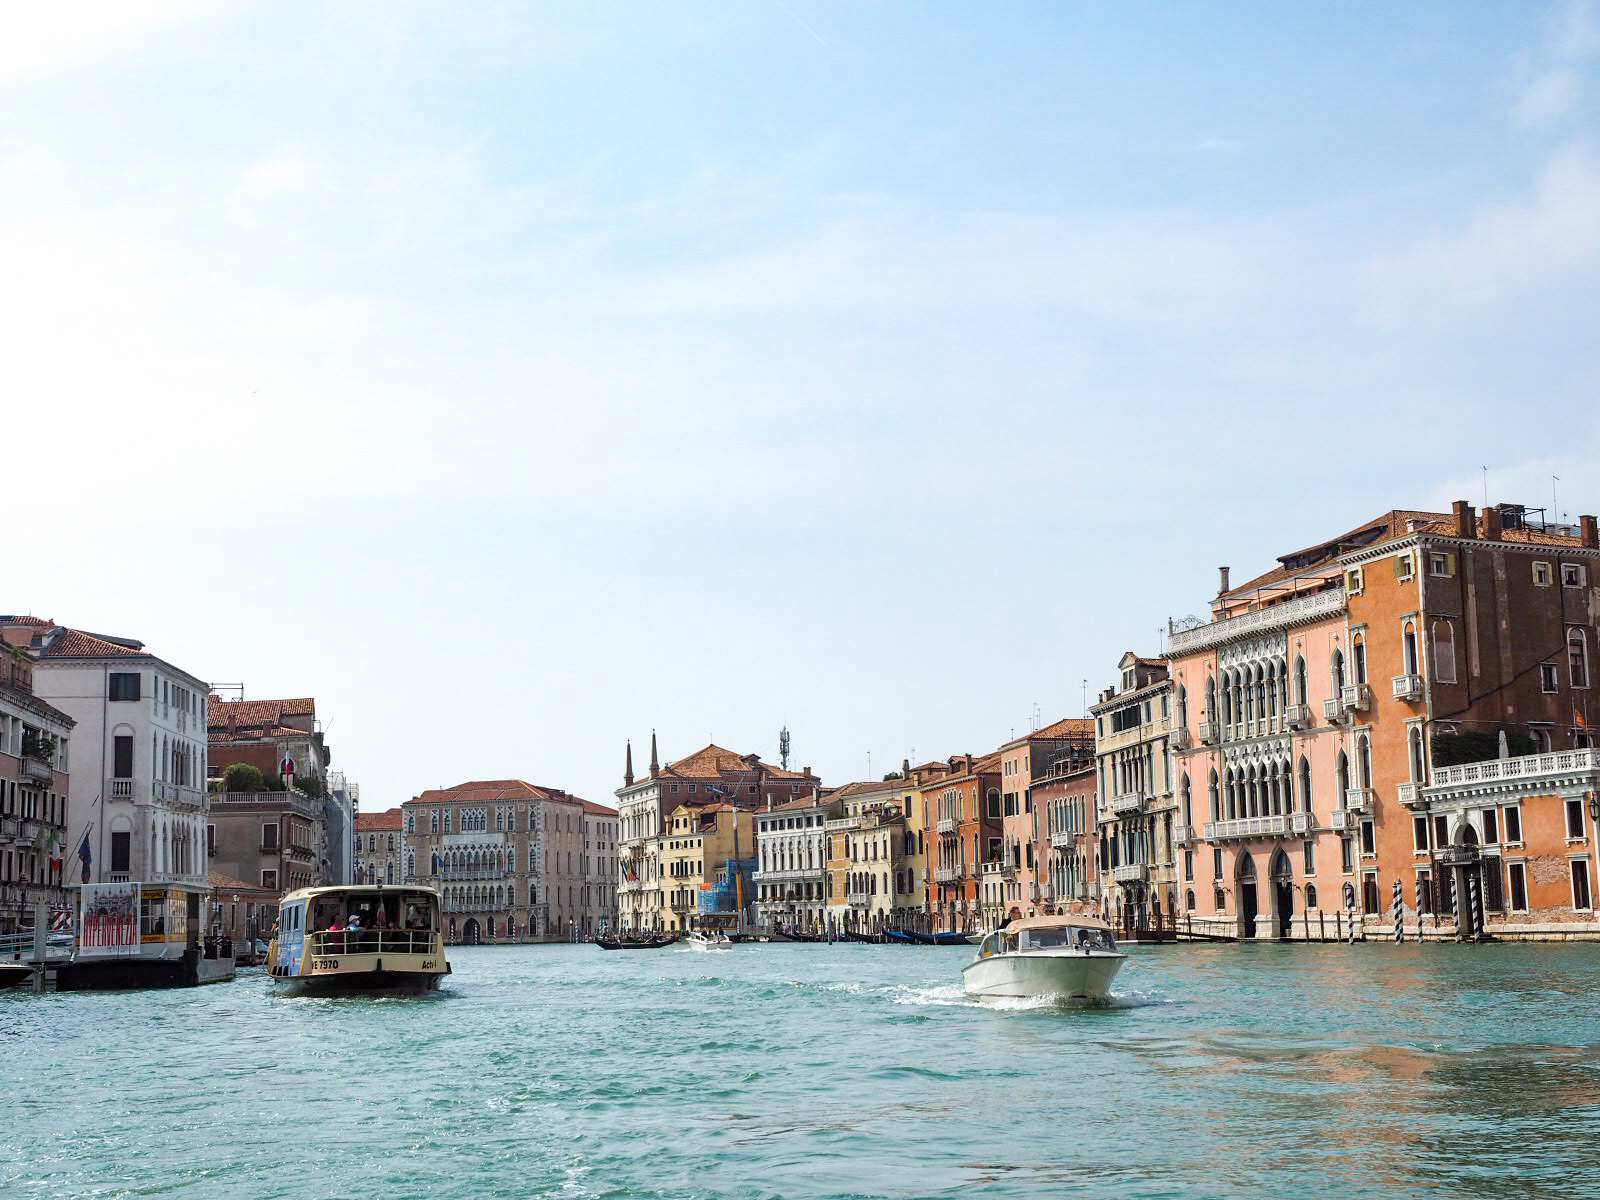 Canal Grande vaporetto no 1